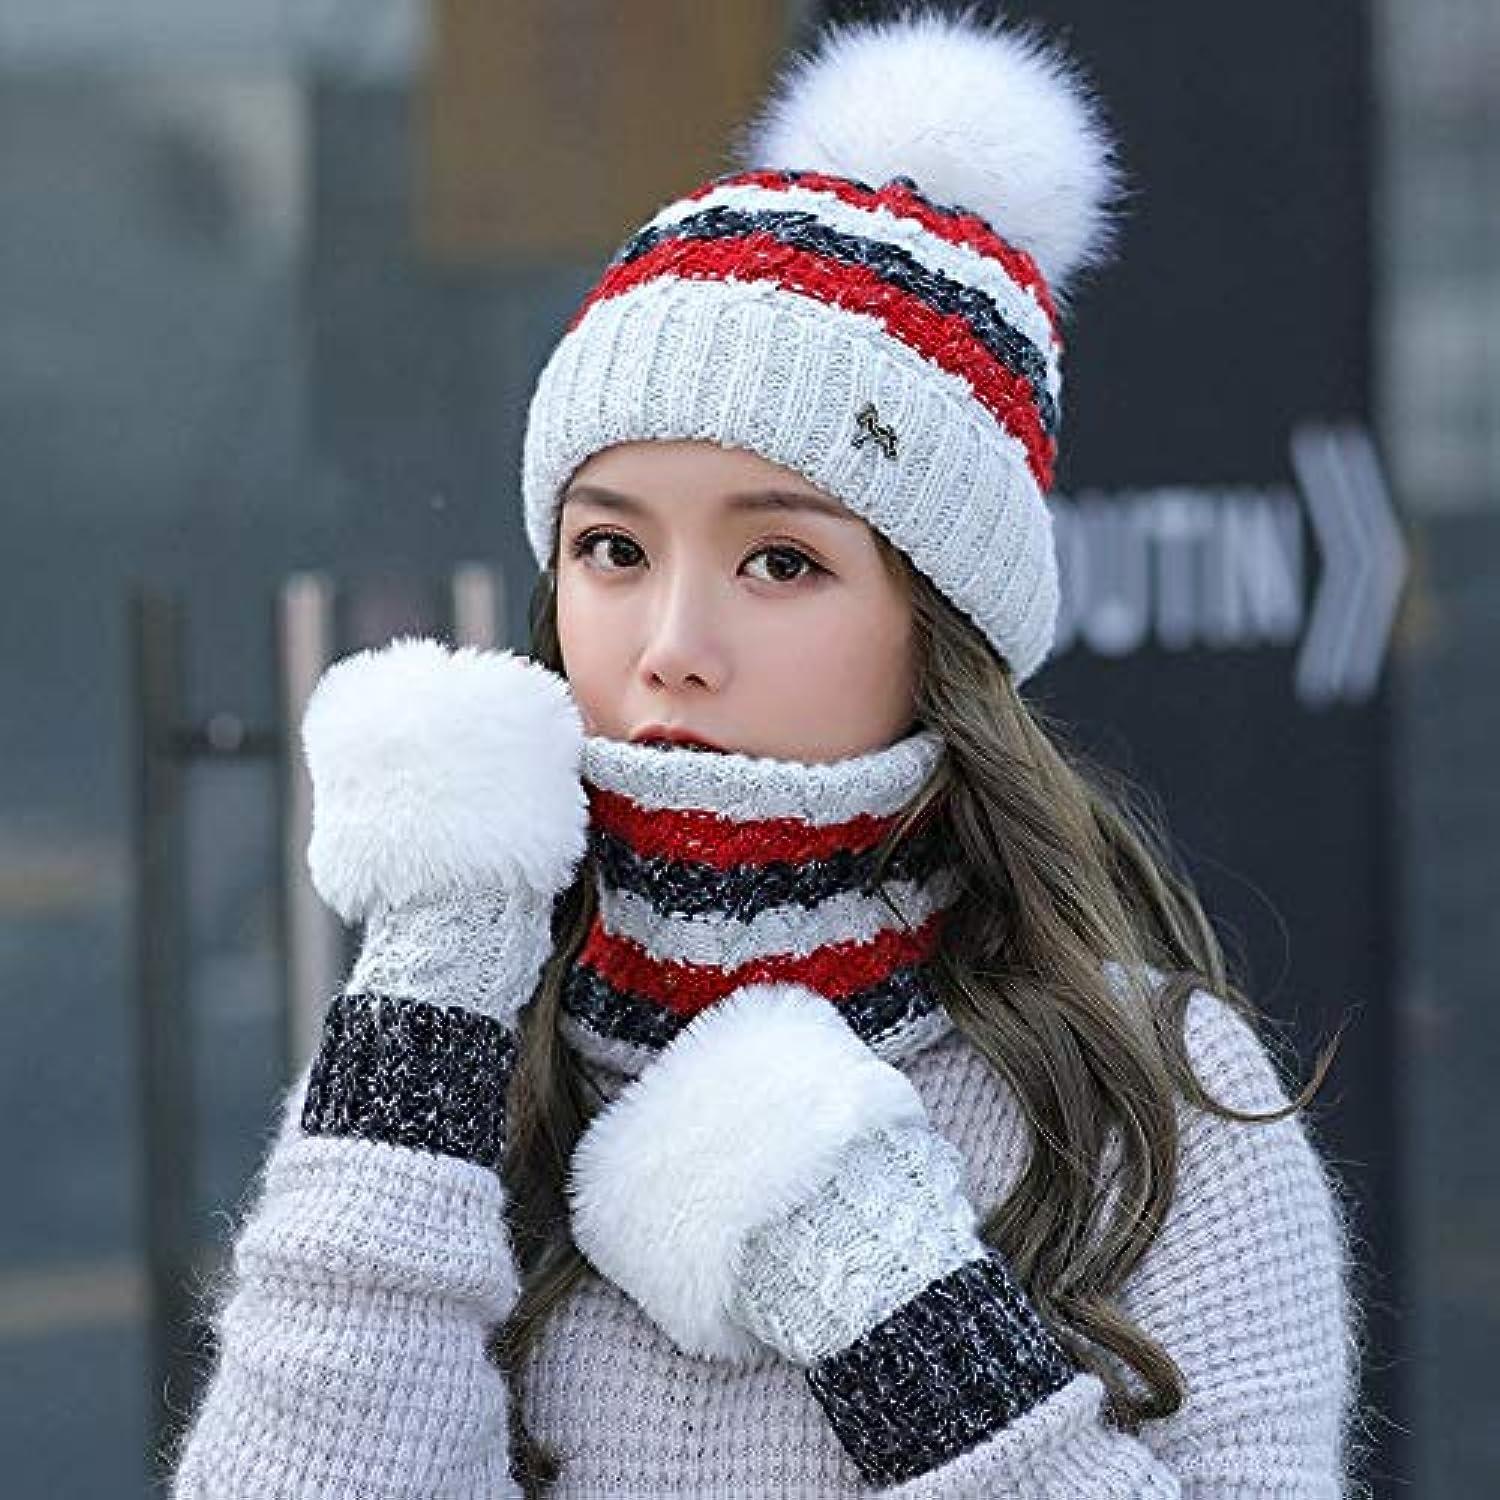 YSFU cappello sciarpa guanti donna Sciarpa Donna Autunno Inverno Tre  Cappello Guanti Sciarpa A Tre Inverno Pezzi in Maglia... ce9008 6011d2c5a21a